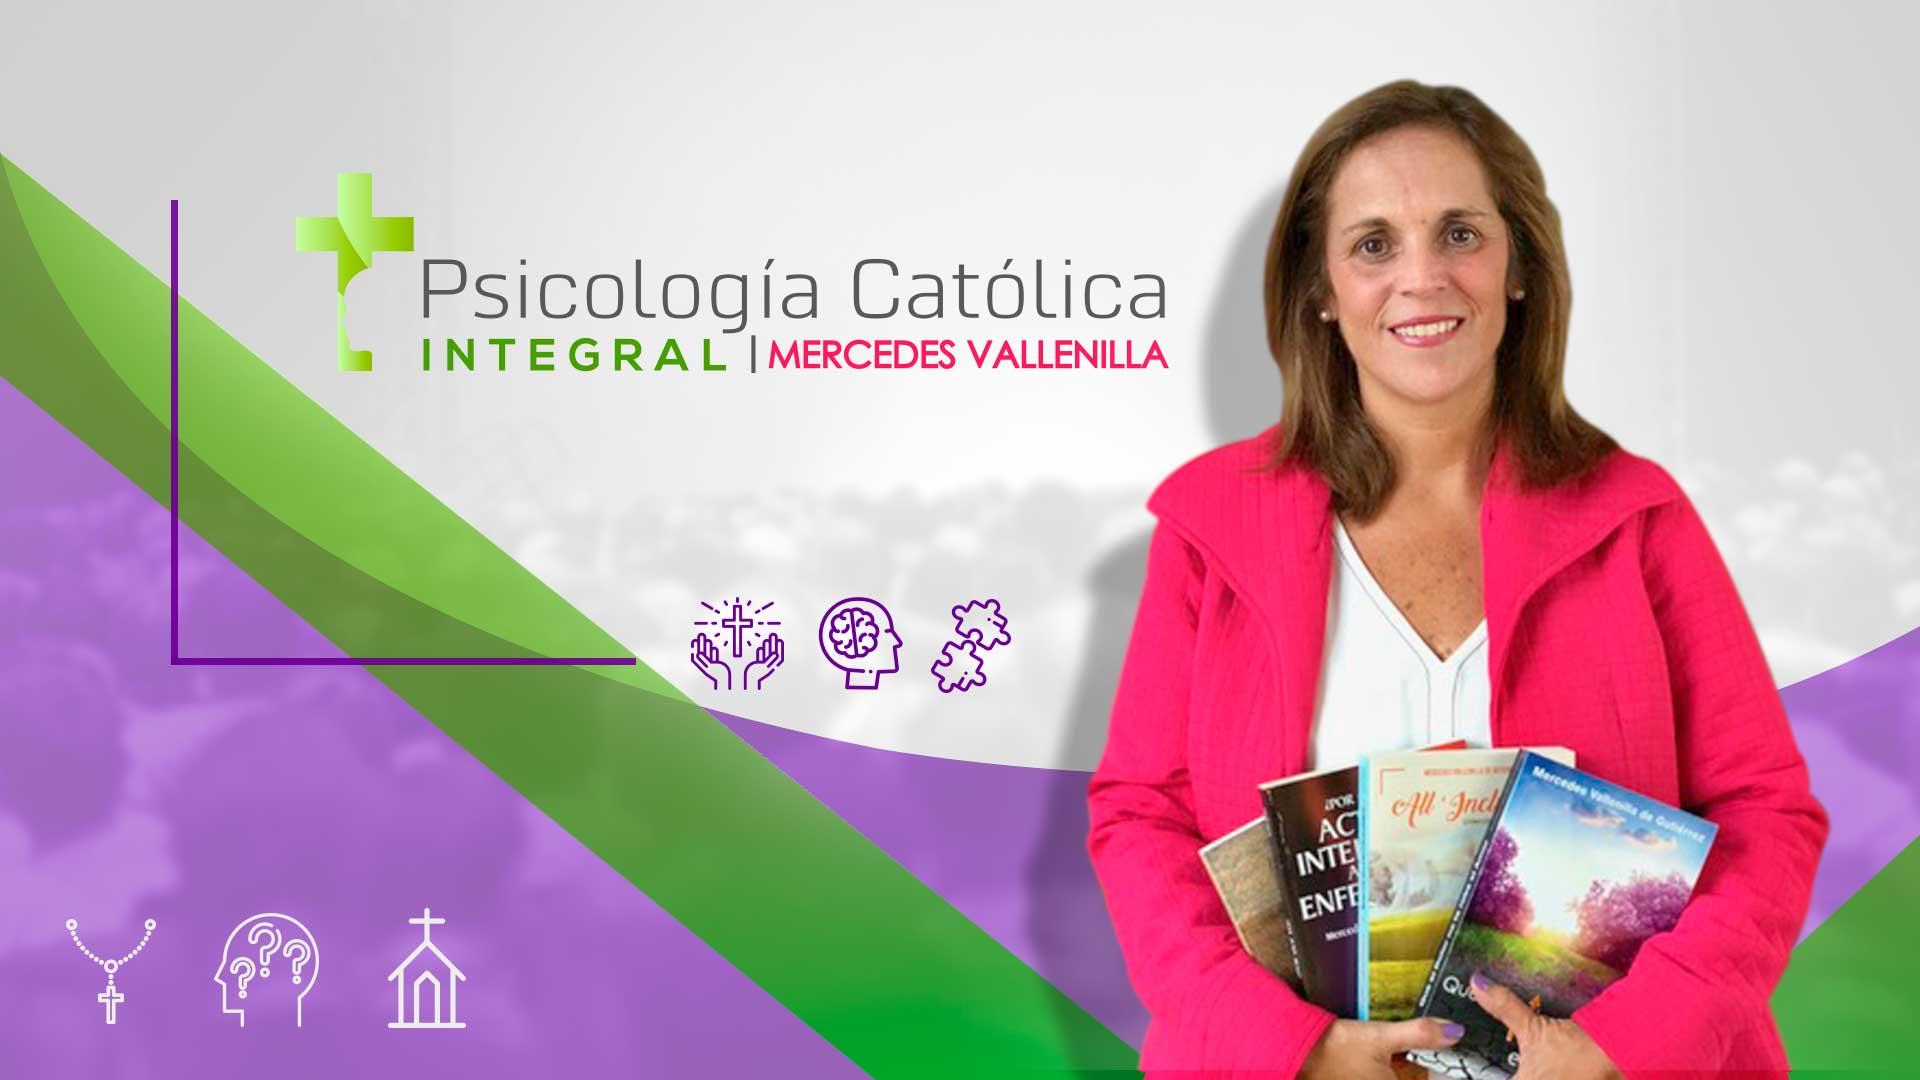 Psicología católica Integral en Youtube